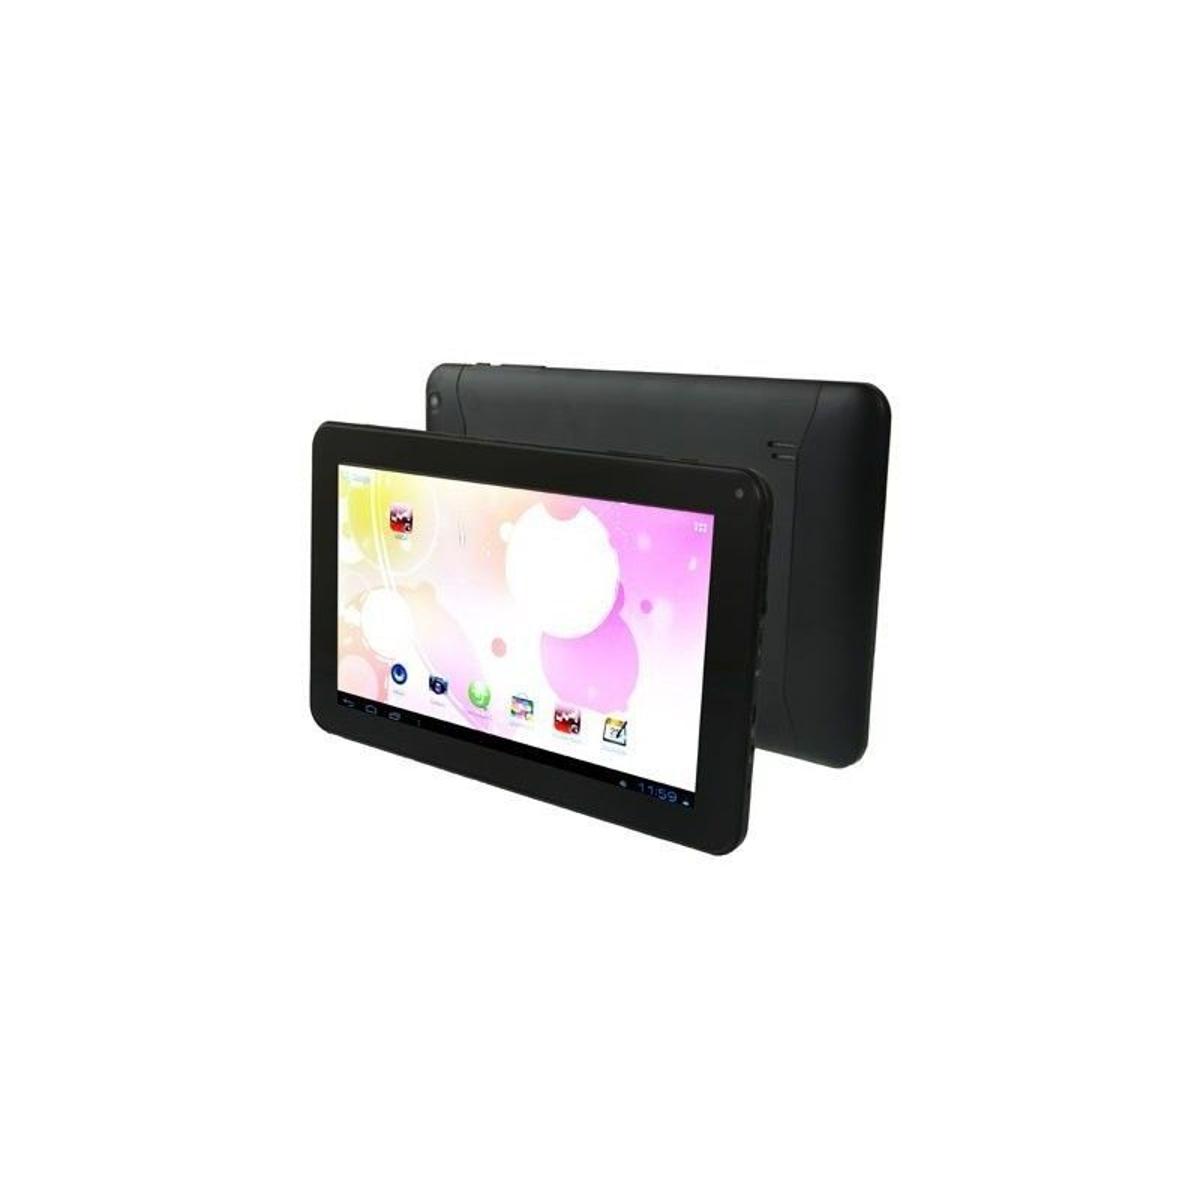 b7b8522197dbf2 Yonis Tablette tactile 10 pouces Android 4.4 KitKat Quad Core 12 Go Noir